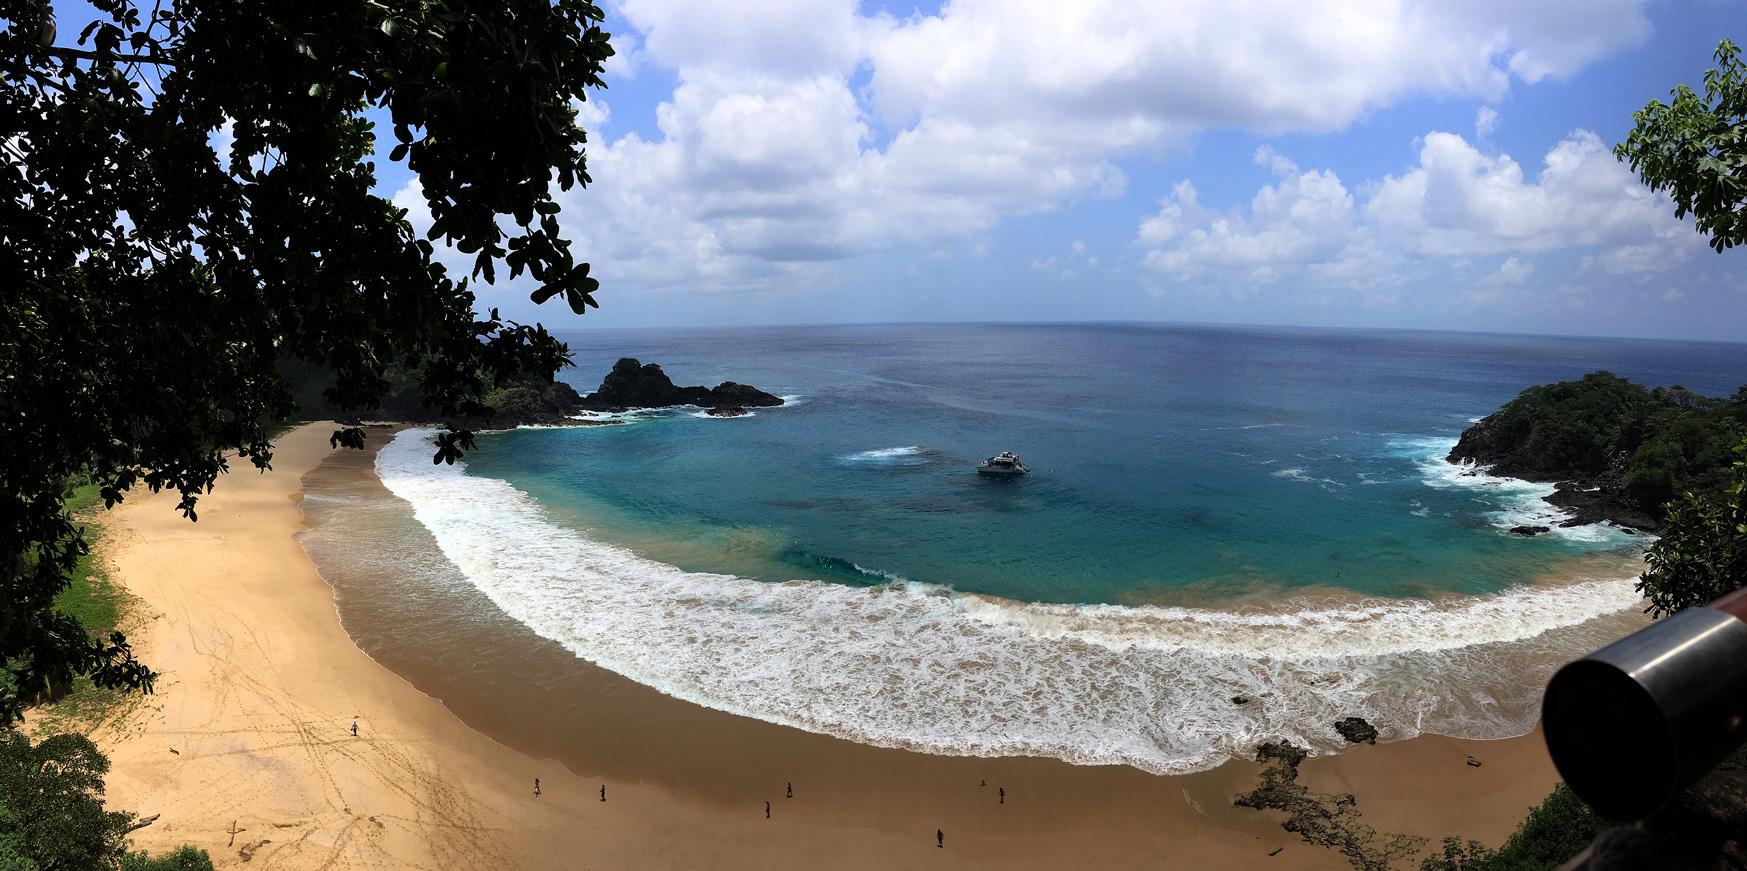 Vista do mirante da Praia do Sancho em Fernando de Noronha.